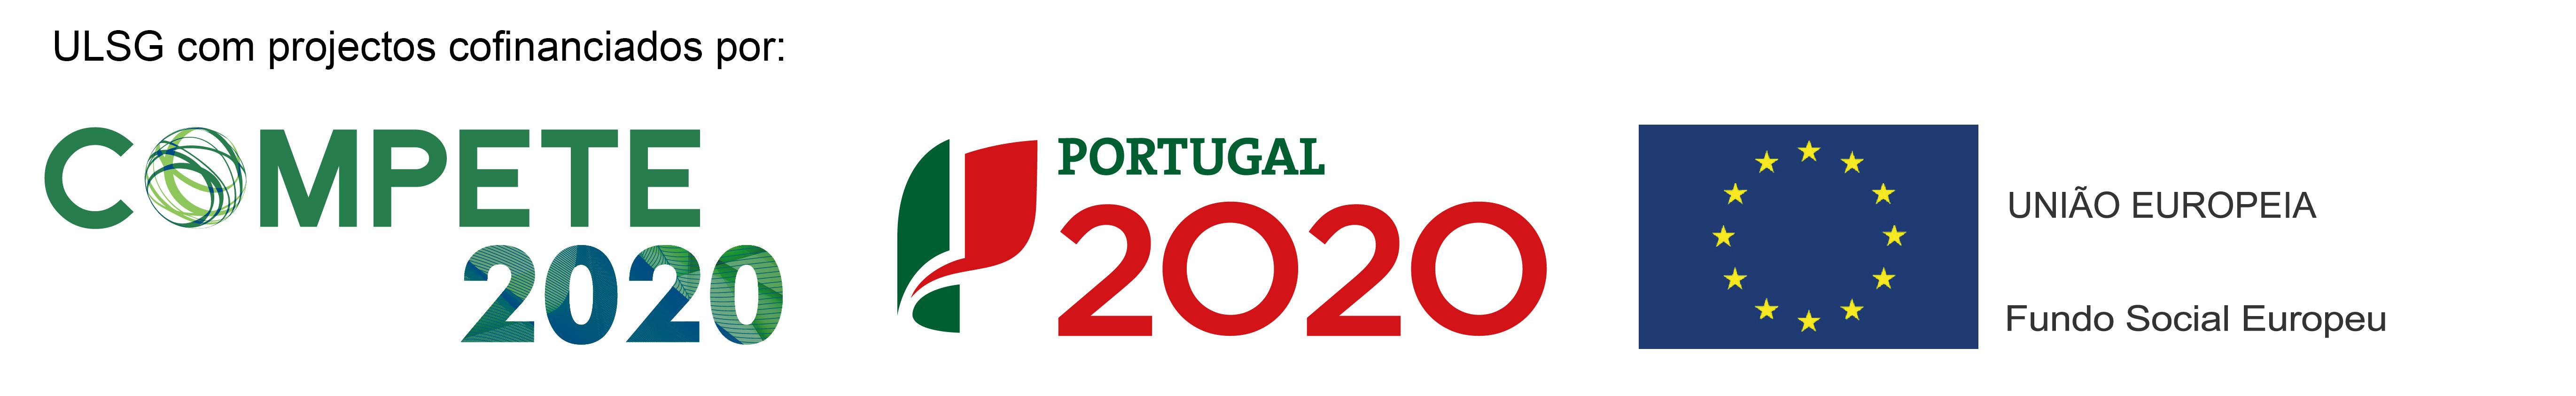 ULSG com projectos cofinanciados por: Compete 2020, Portugal 2020, União Europeia Fundo Social Europeu